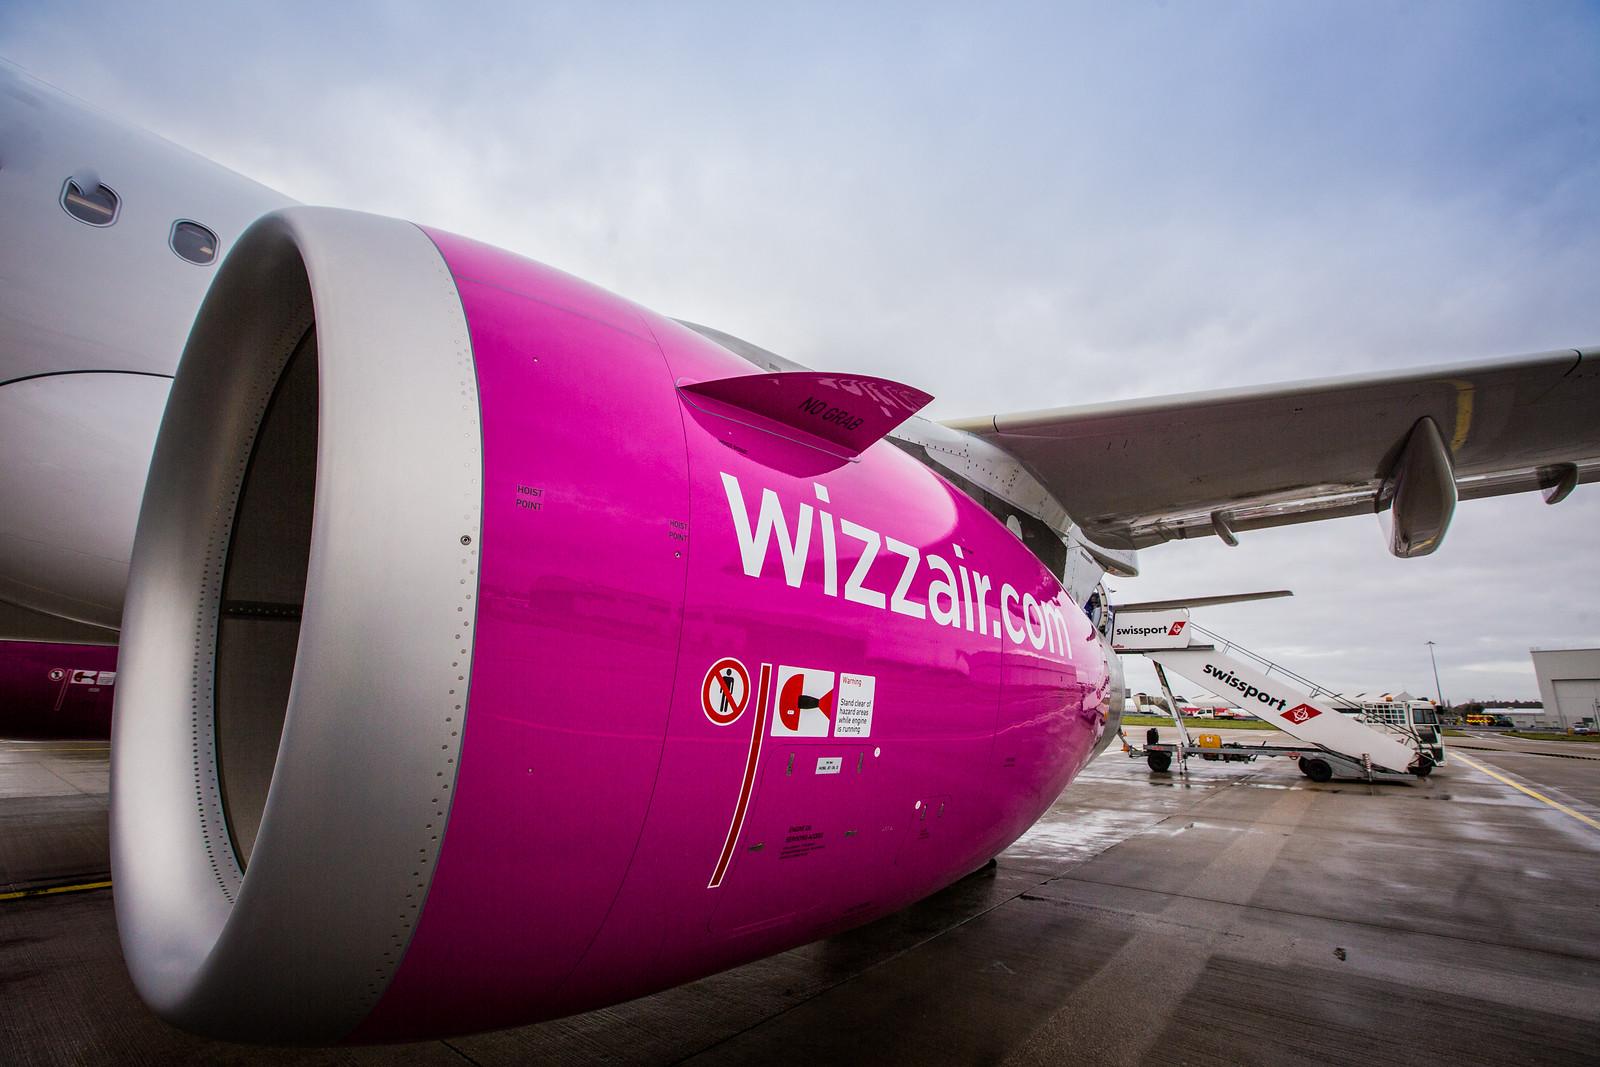 В Беларуси планируют создать лоукост-авиакомпанию на базе аэропорта Гродно 1